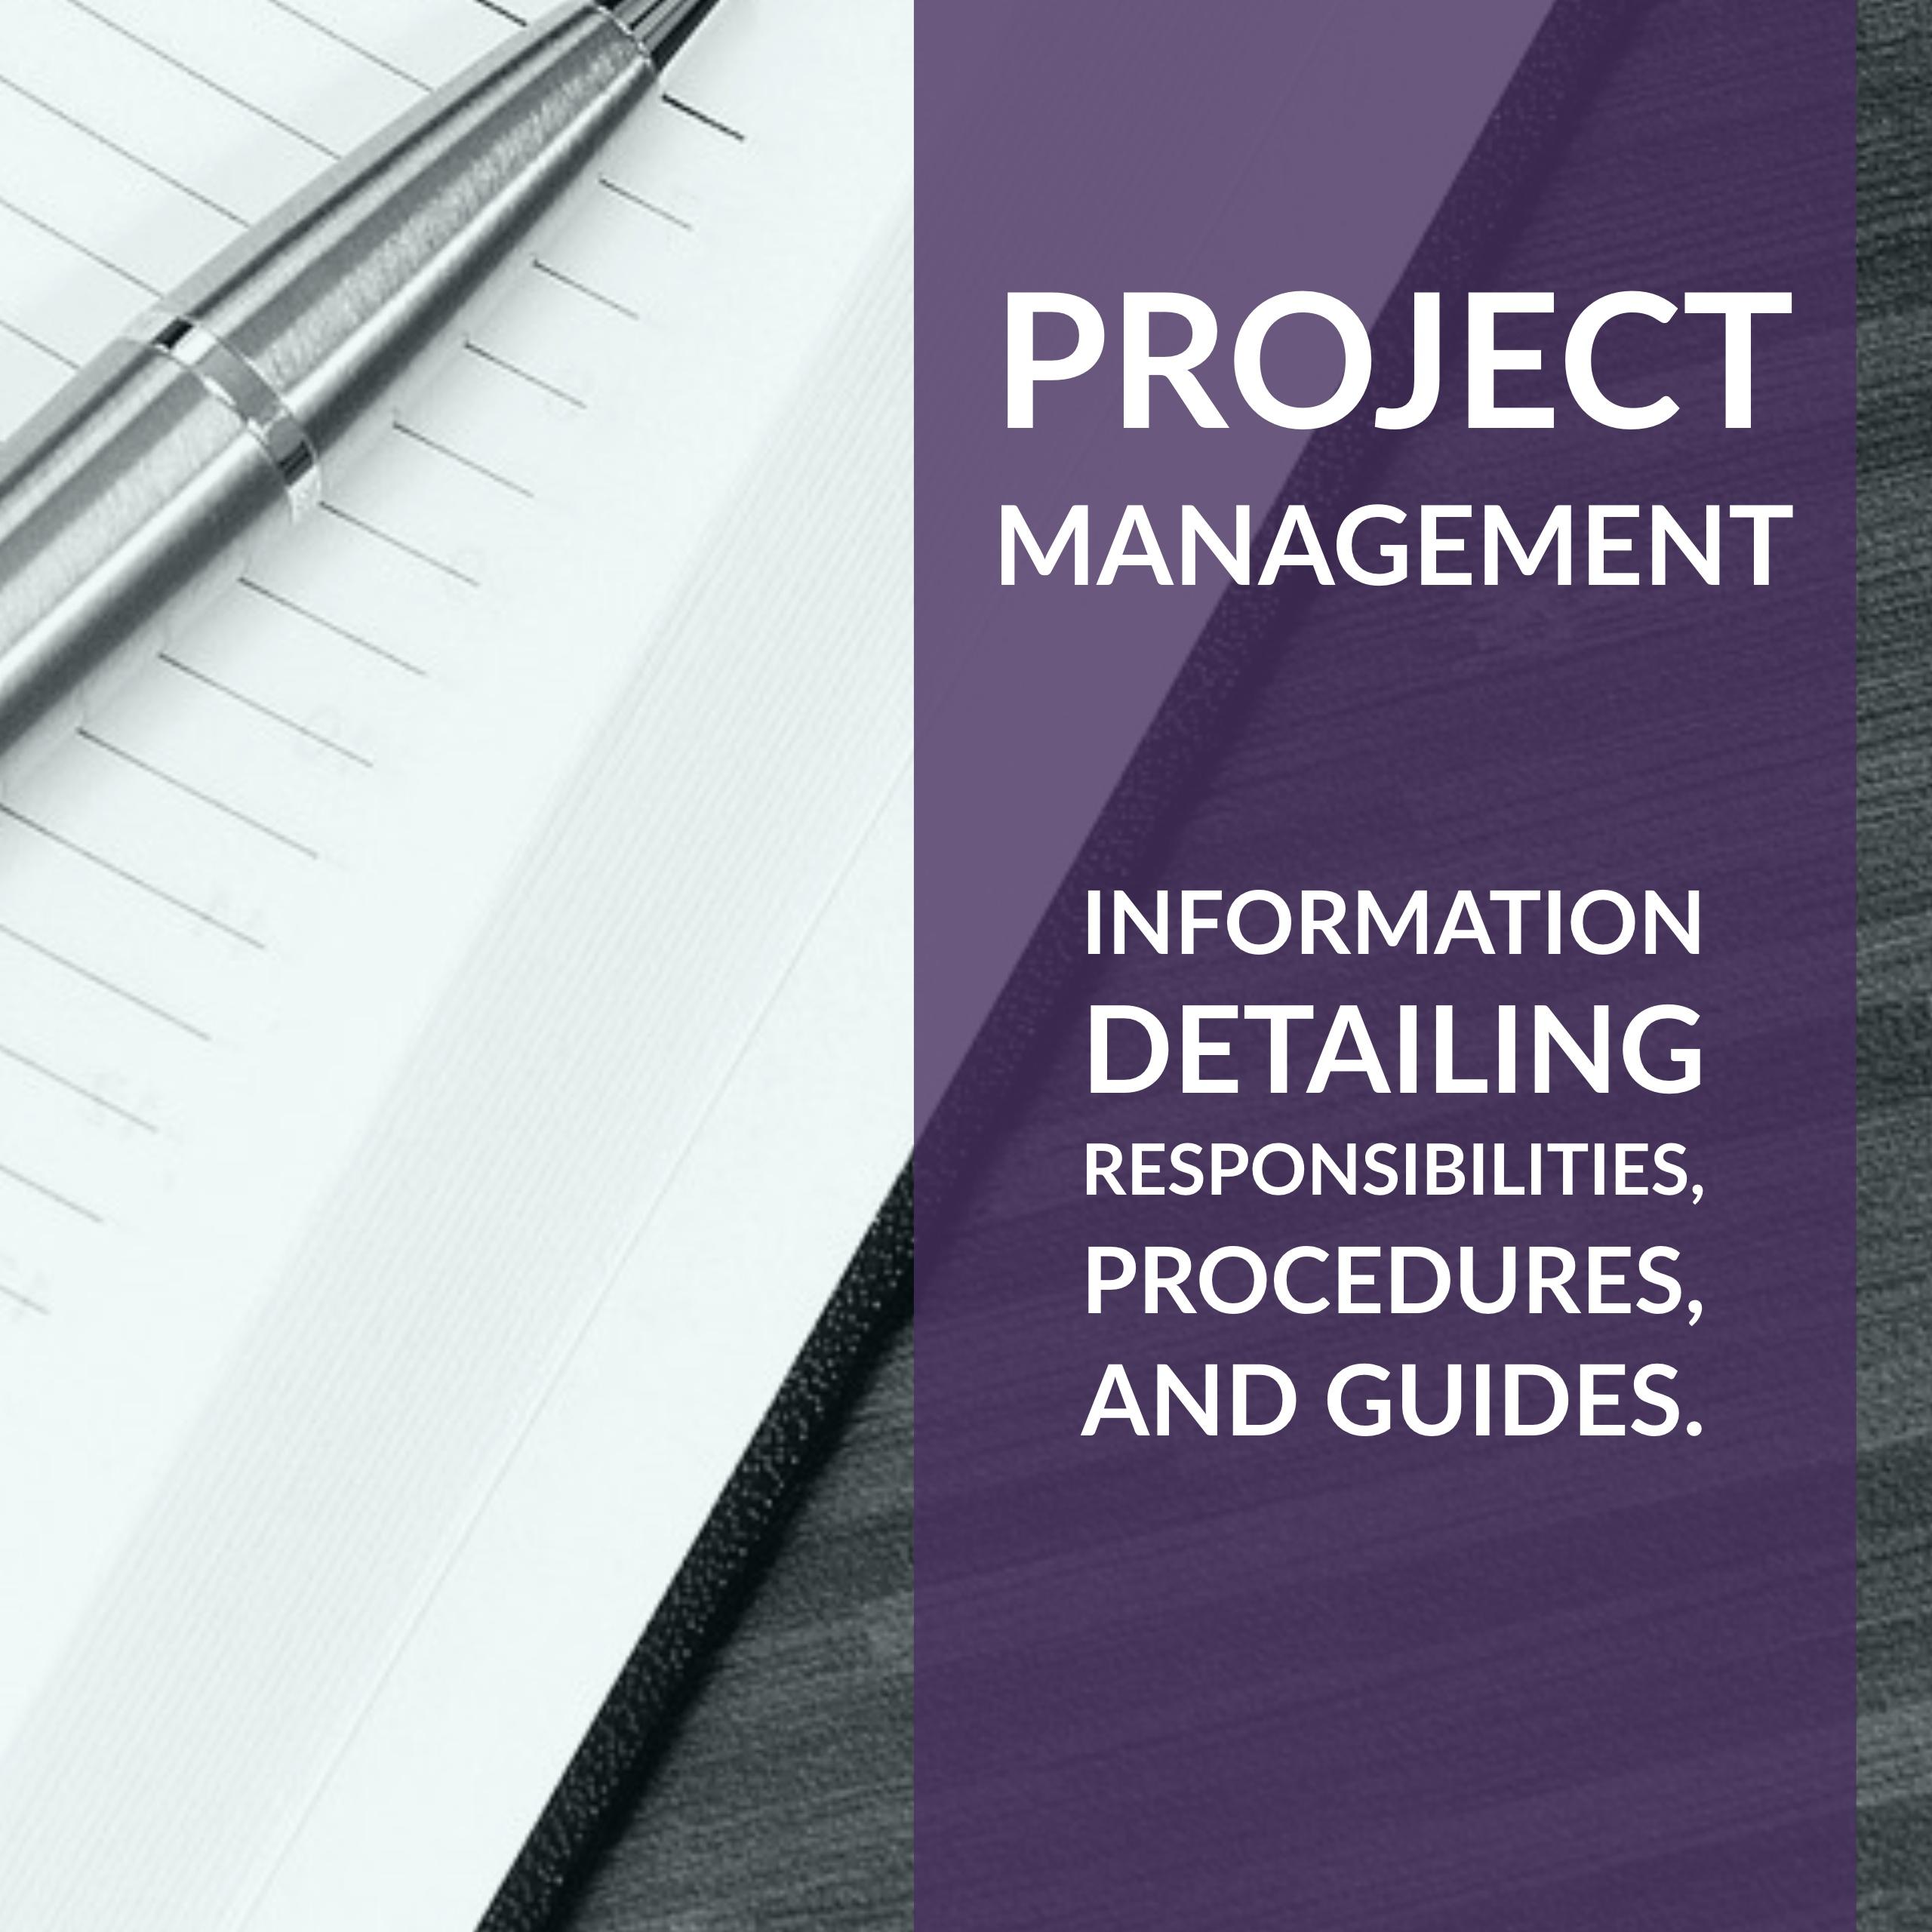 Project Management (2)